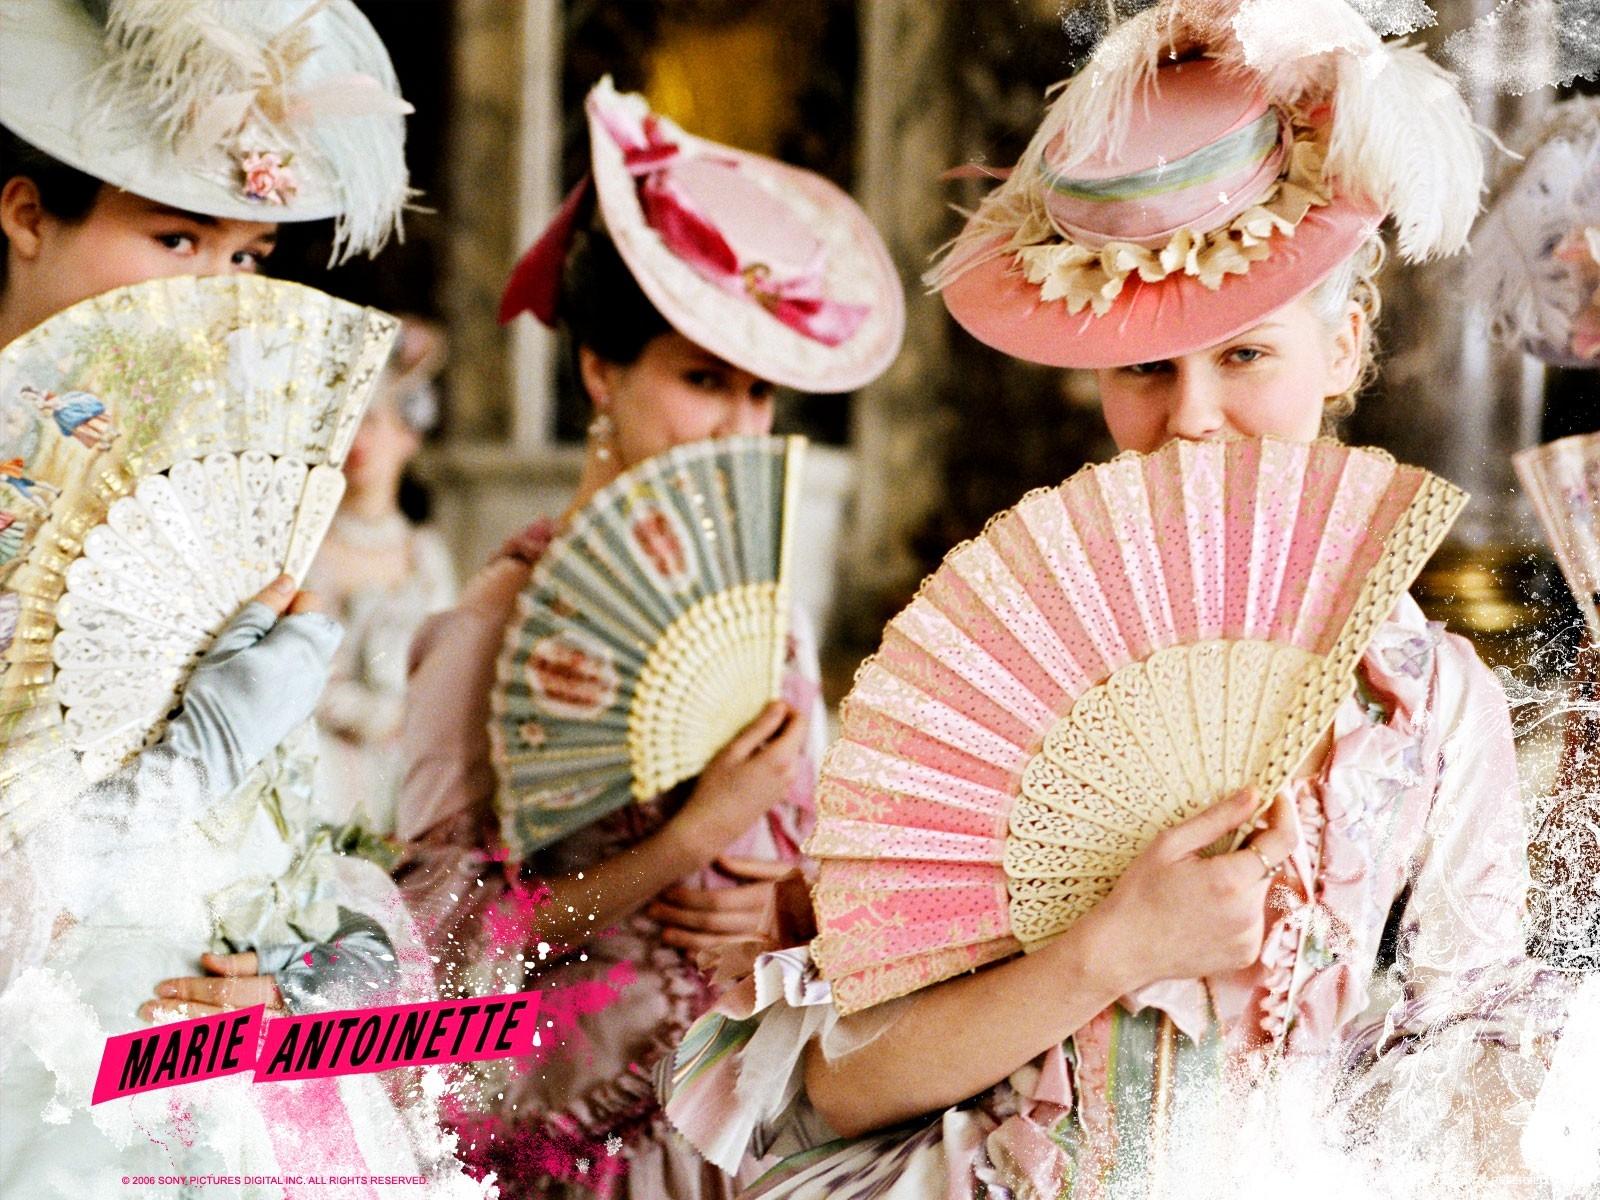 Wallpaper del film Marie Antoinette con Kirsten Dunst